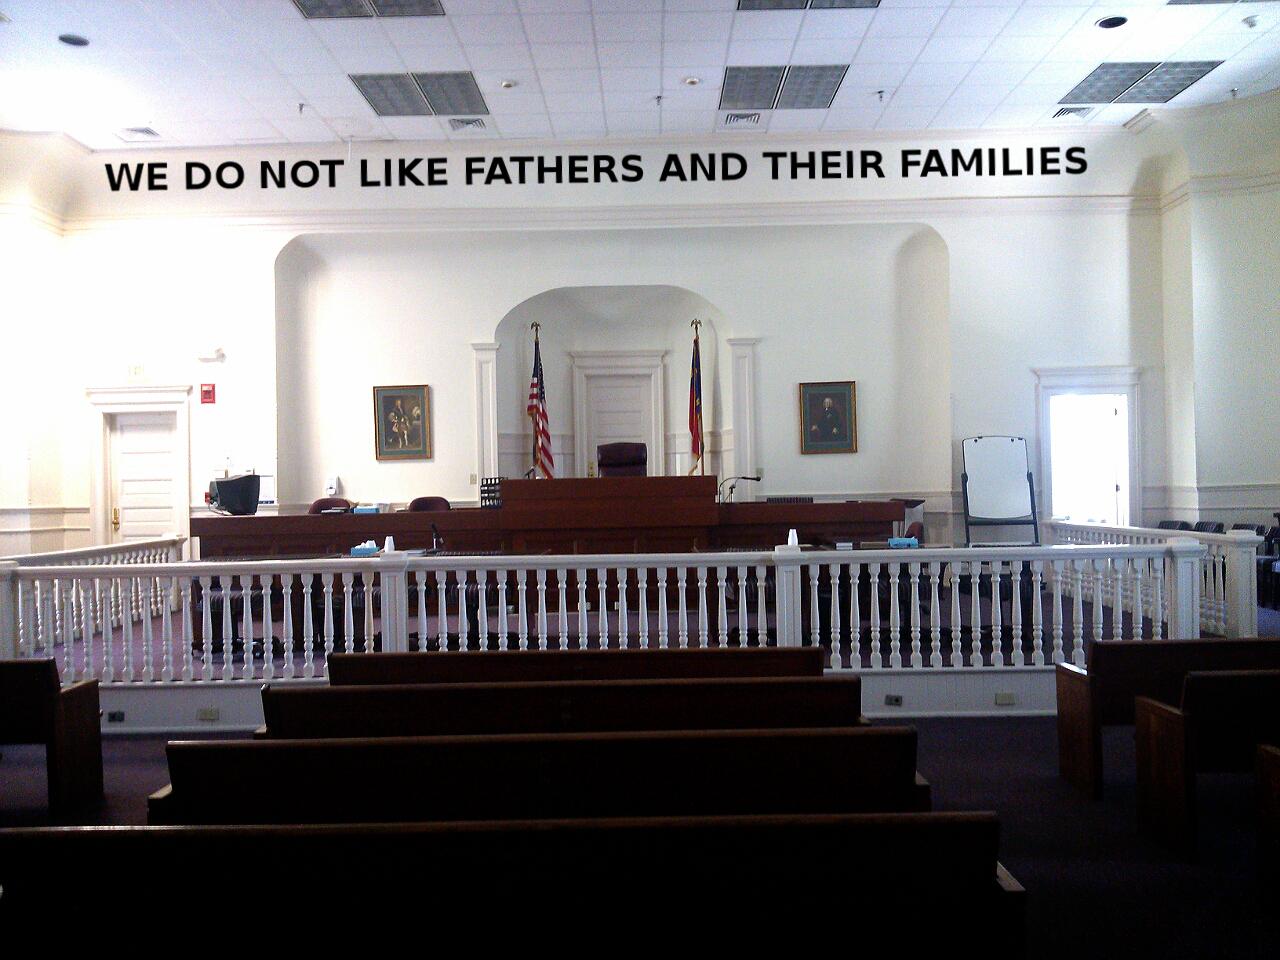 ncfathers.wordpress.com